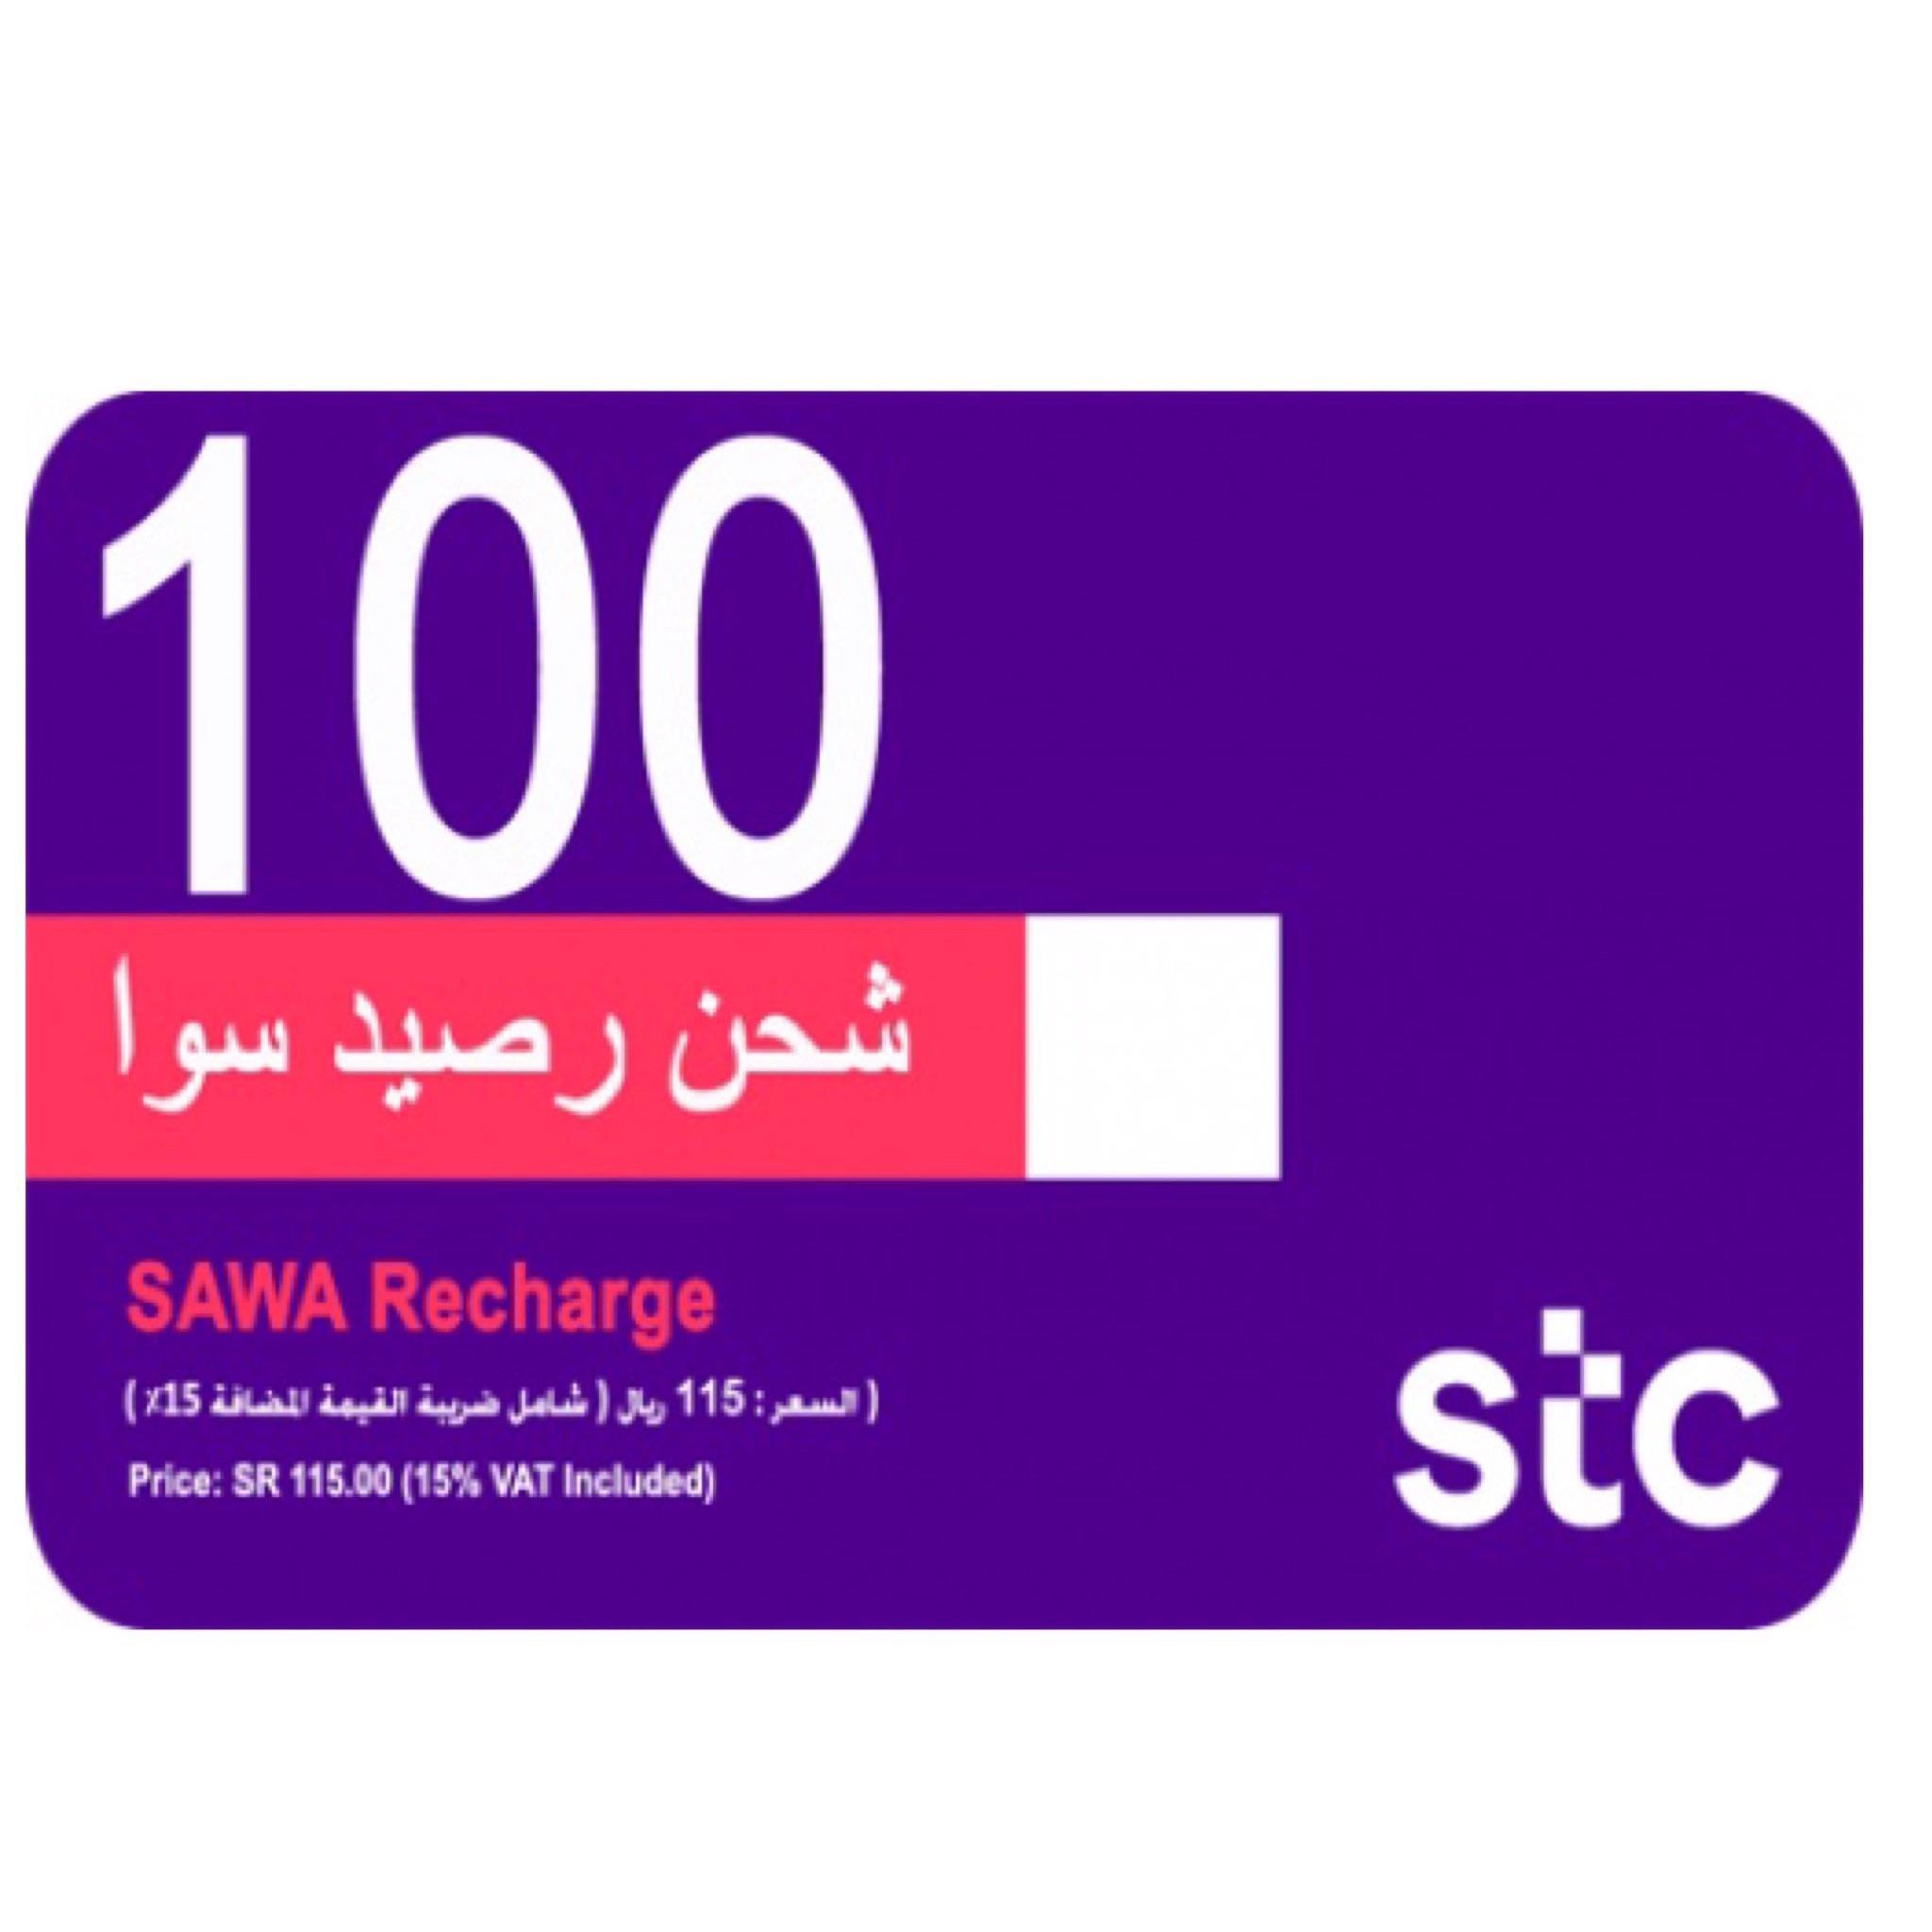 بطاقة شحن سوا اسعار شاملة الضريبة